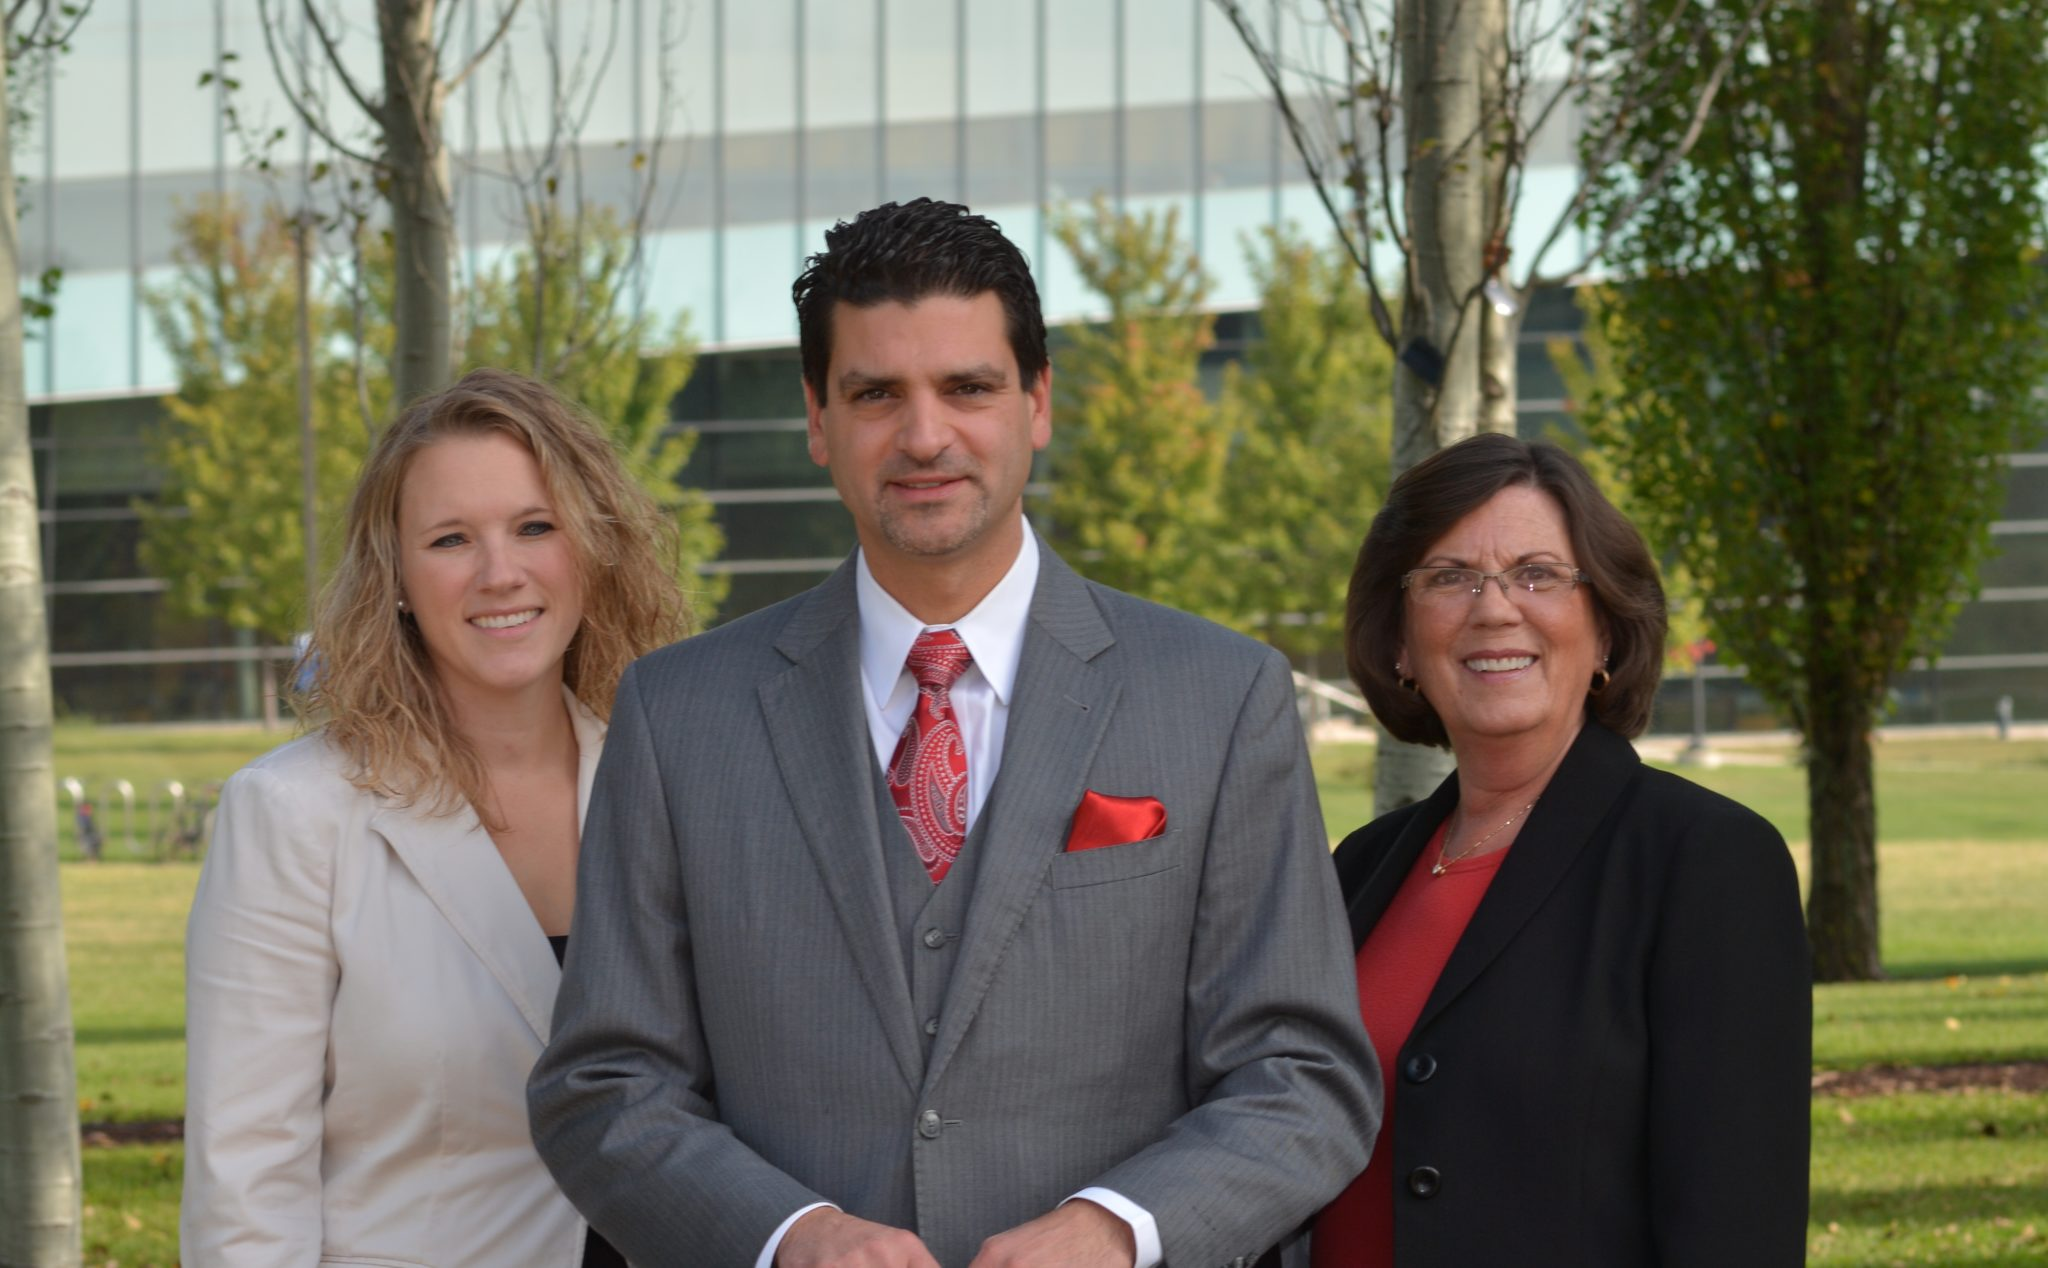 Krissy Bonson, Peter Chiarkis and Laurel Cardillo